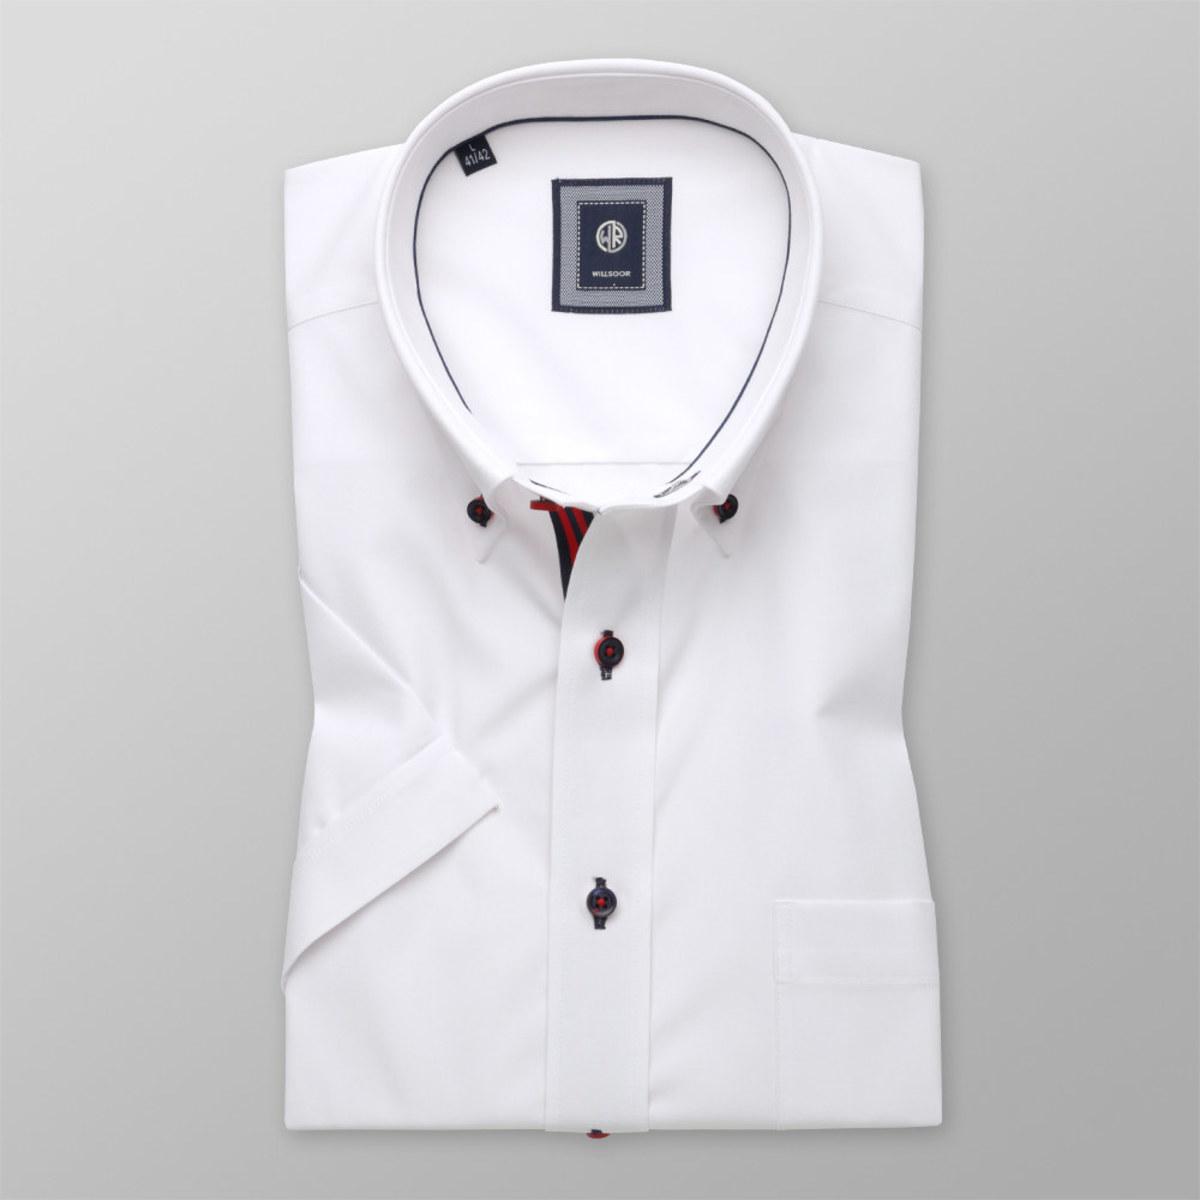 Košeľa klasická bielej farby (výška 176 - 182) 10758 176-182 / L (41/42)